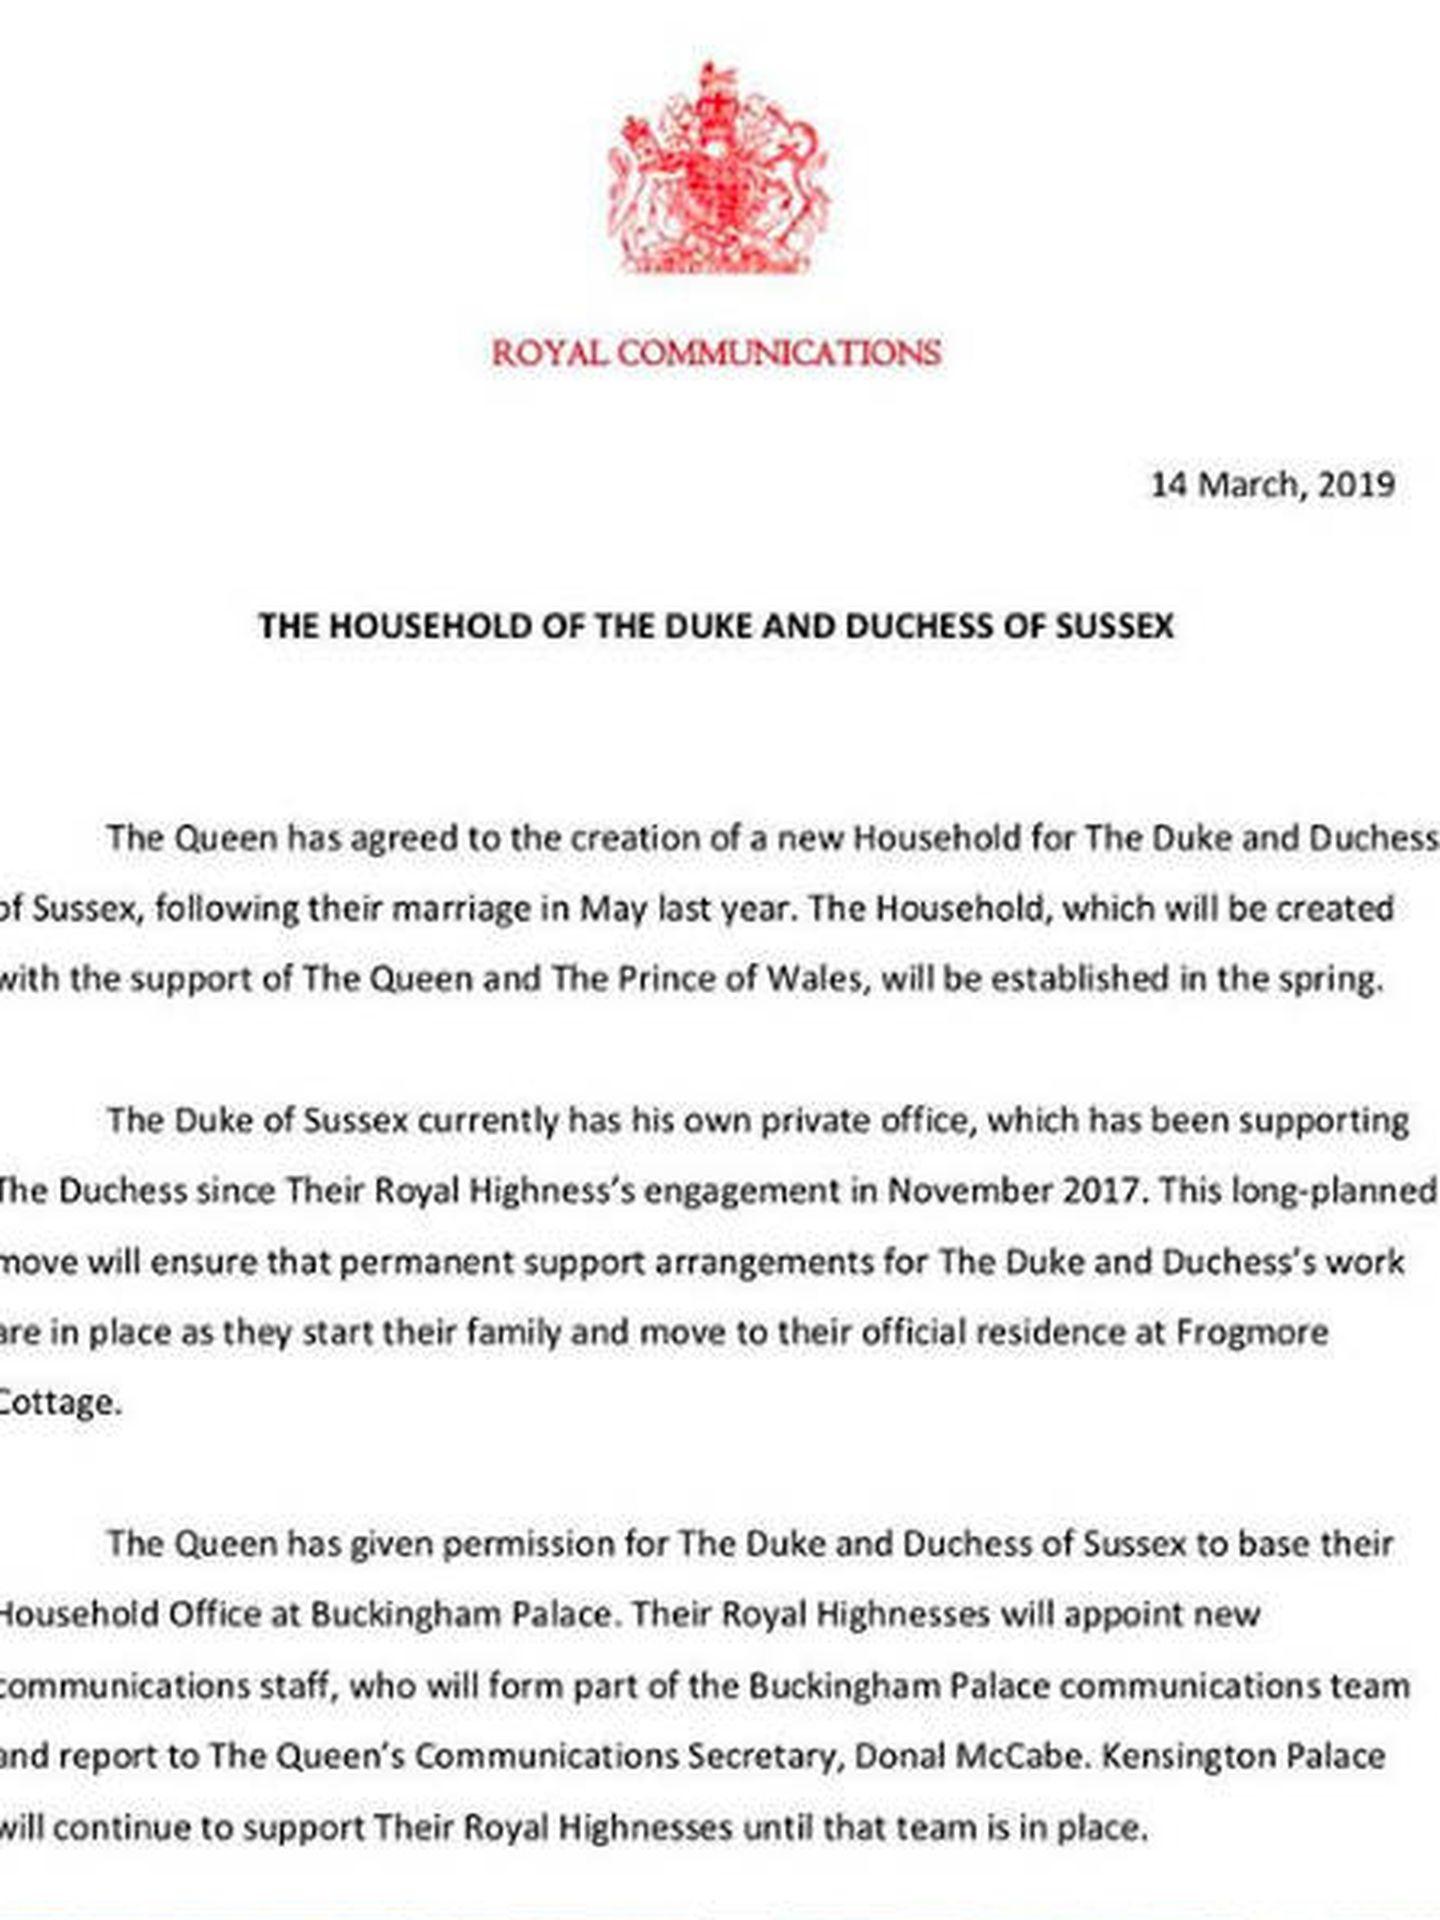 Comunicado emitido por Buckingham Palace.